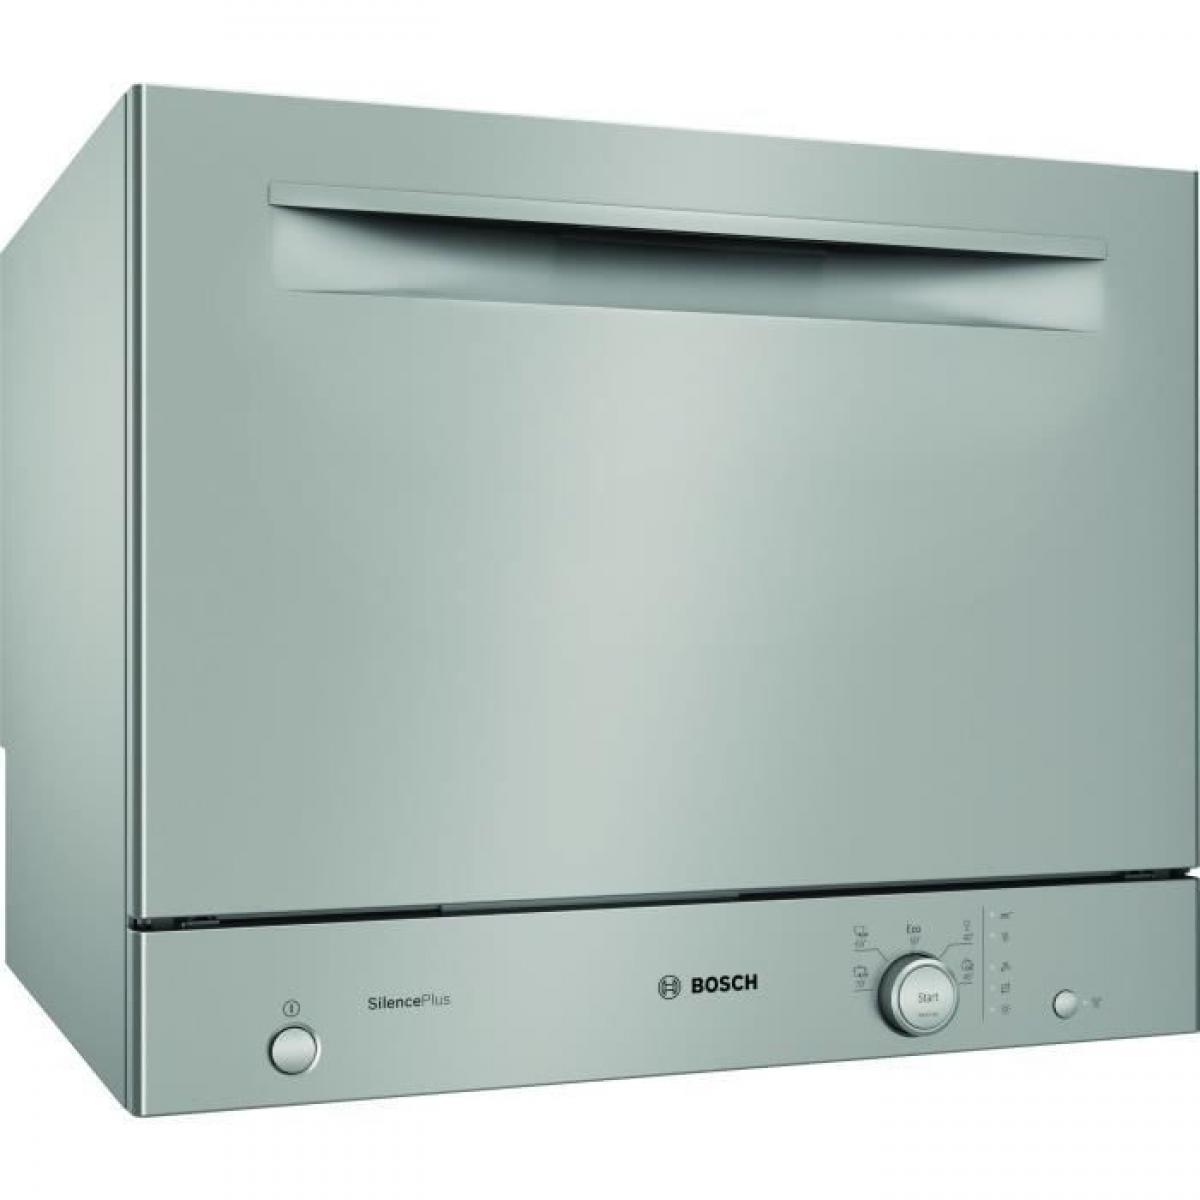 Bosch Lave-vaisselle pose libre BOSCH 6 Couverts 55.1cm A+, BOS4242005204526